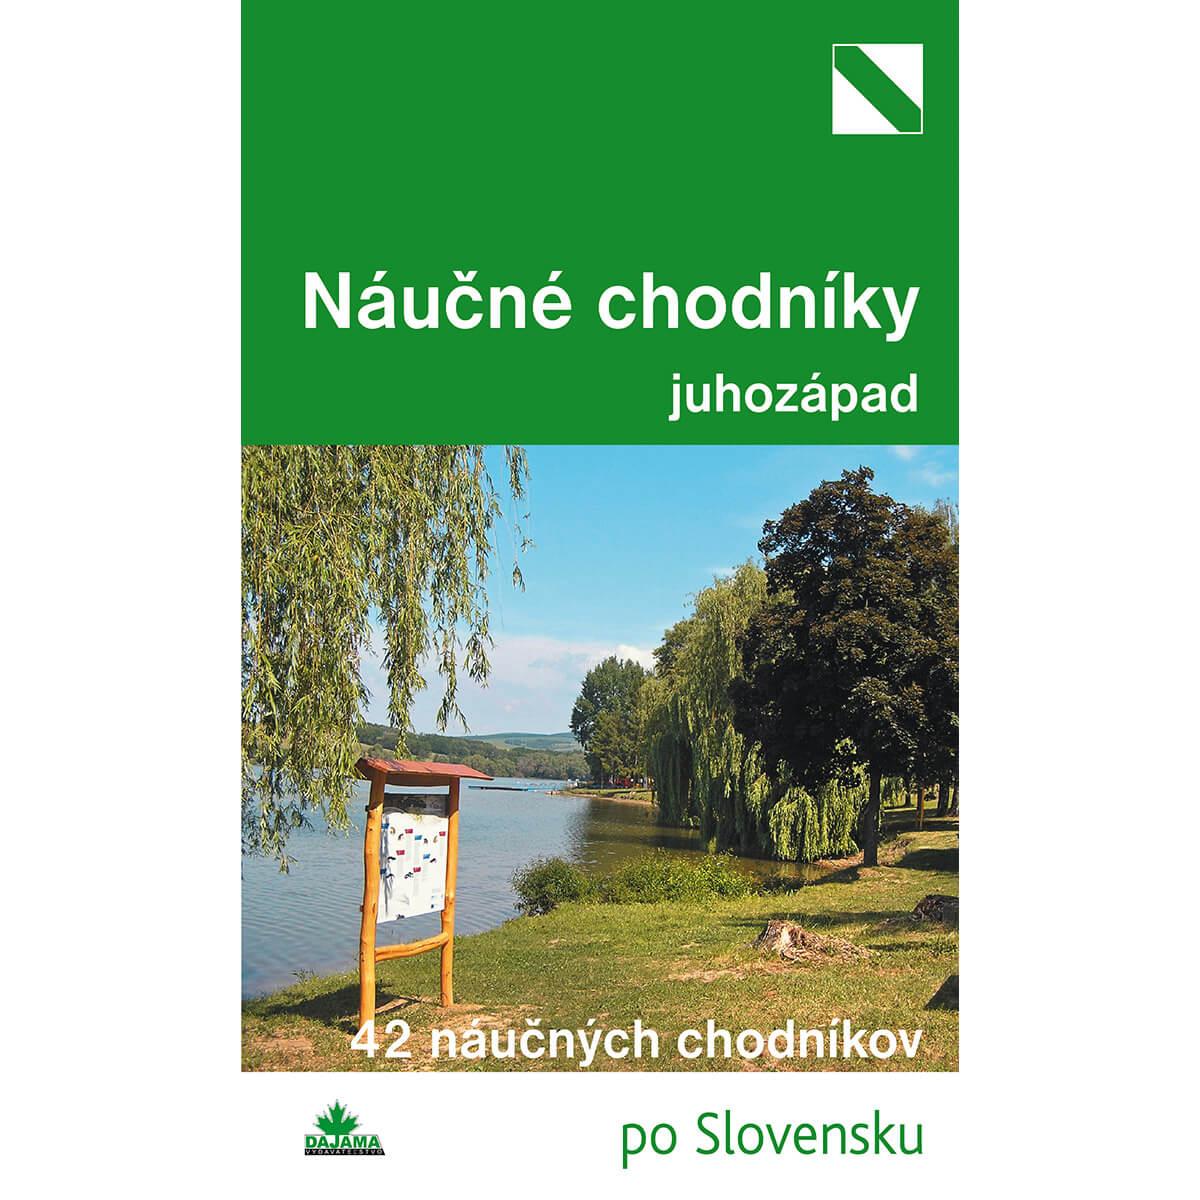 Kniha Náučné chodníky juhozápad - 42 náučných chodníkov po Slovensku z vydavateľstva Dajama